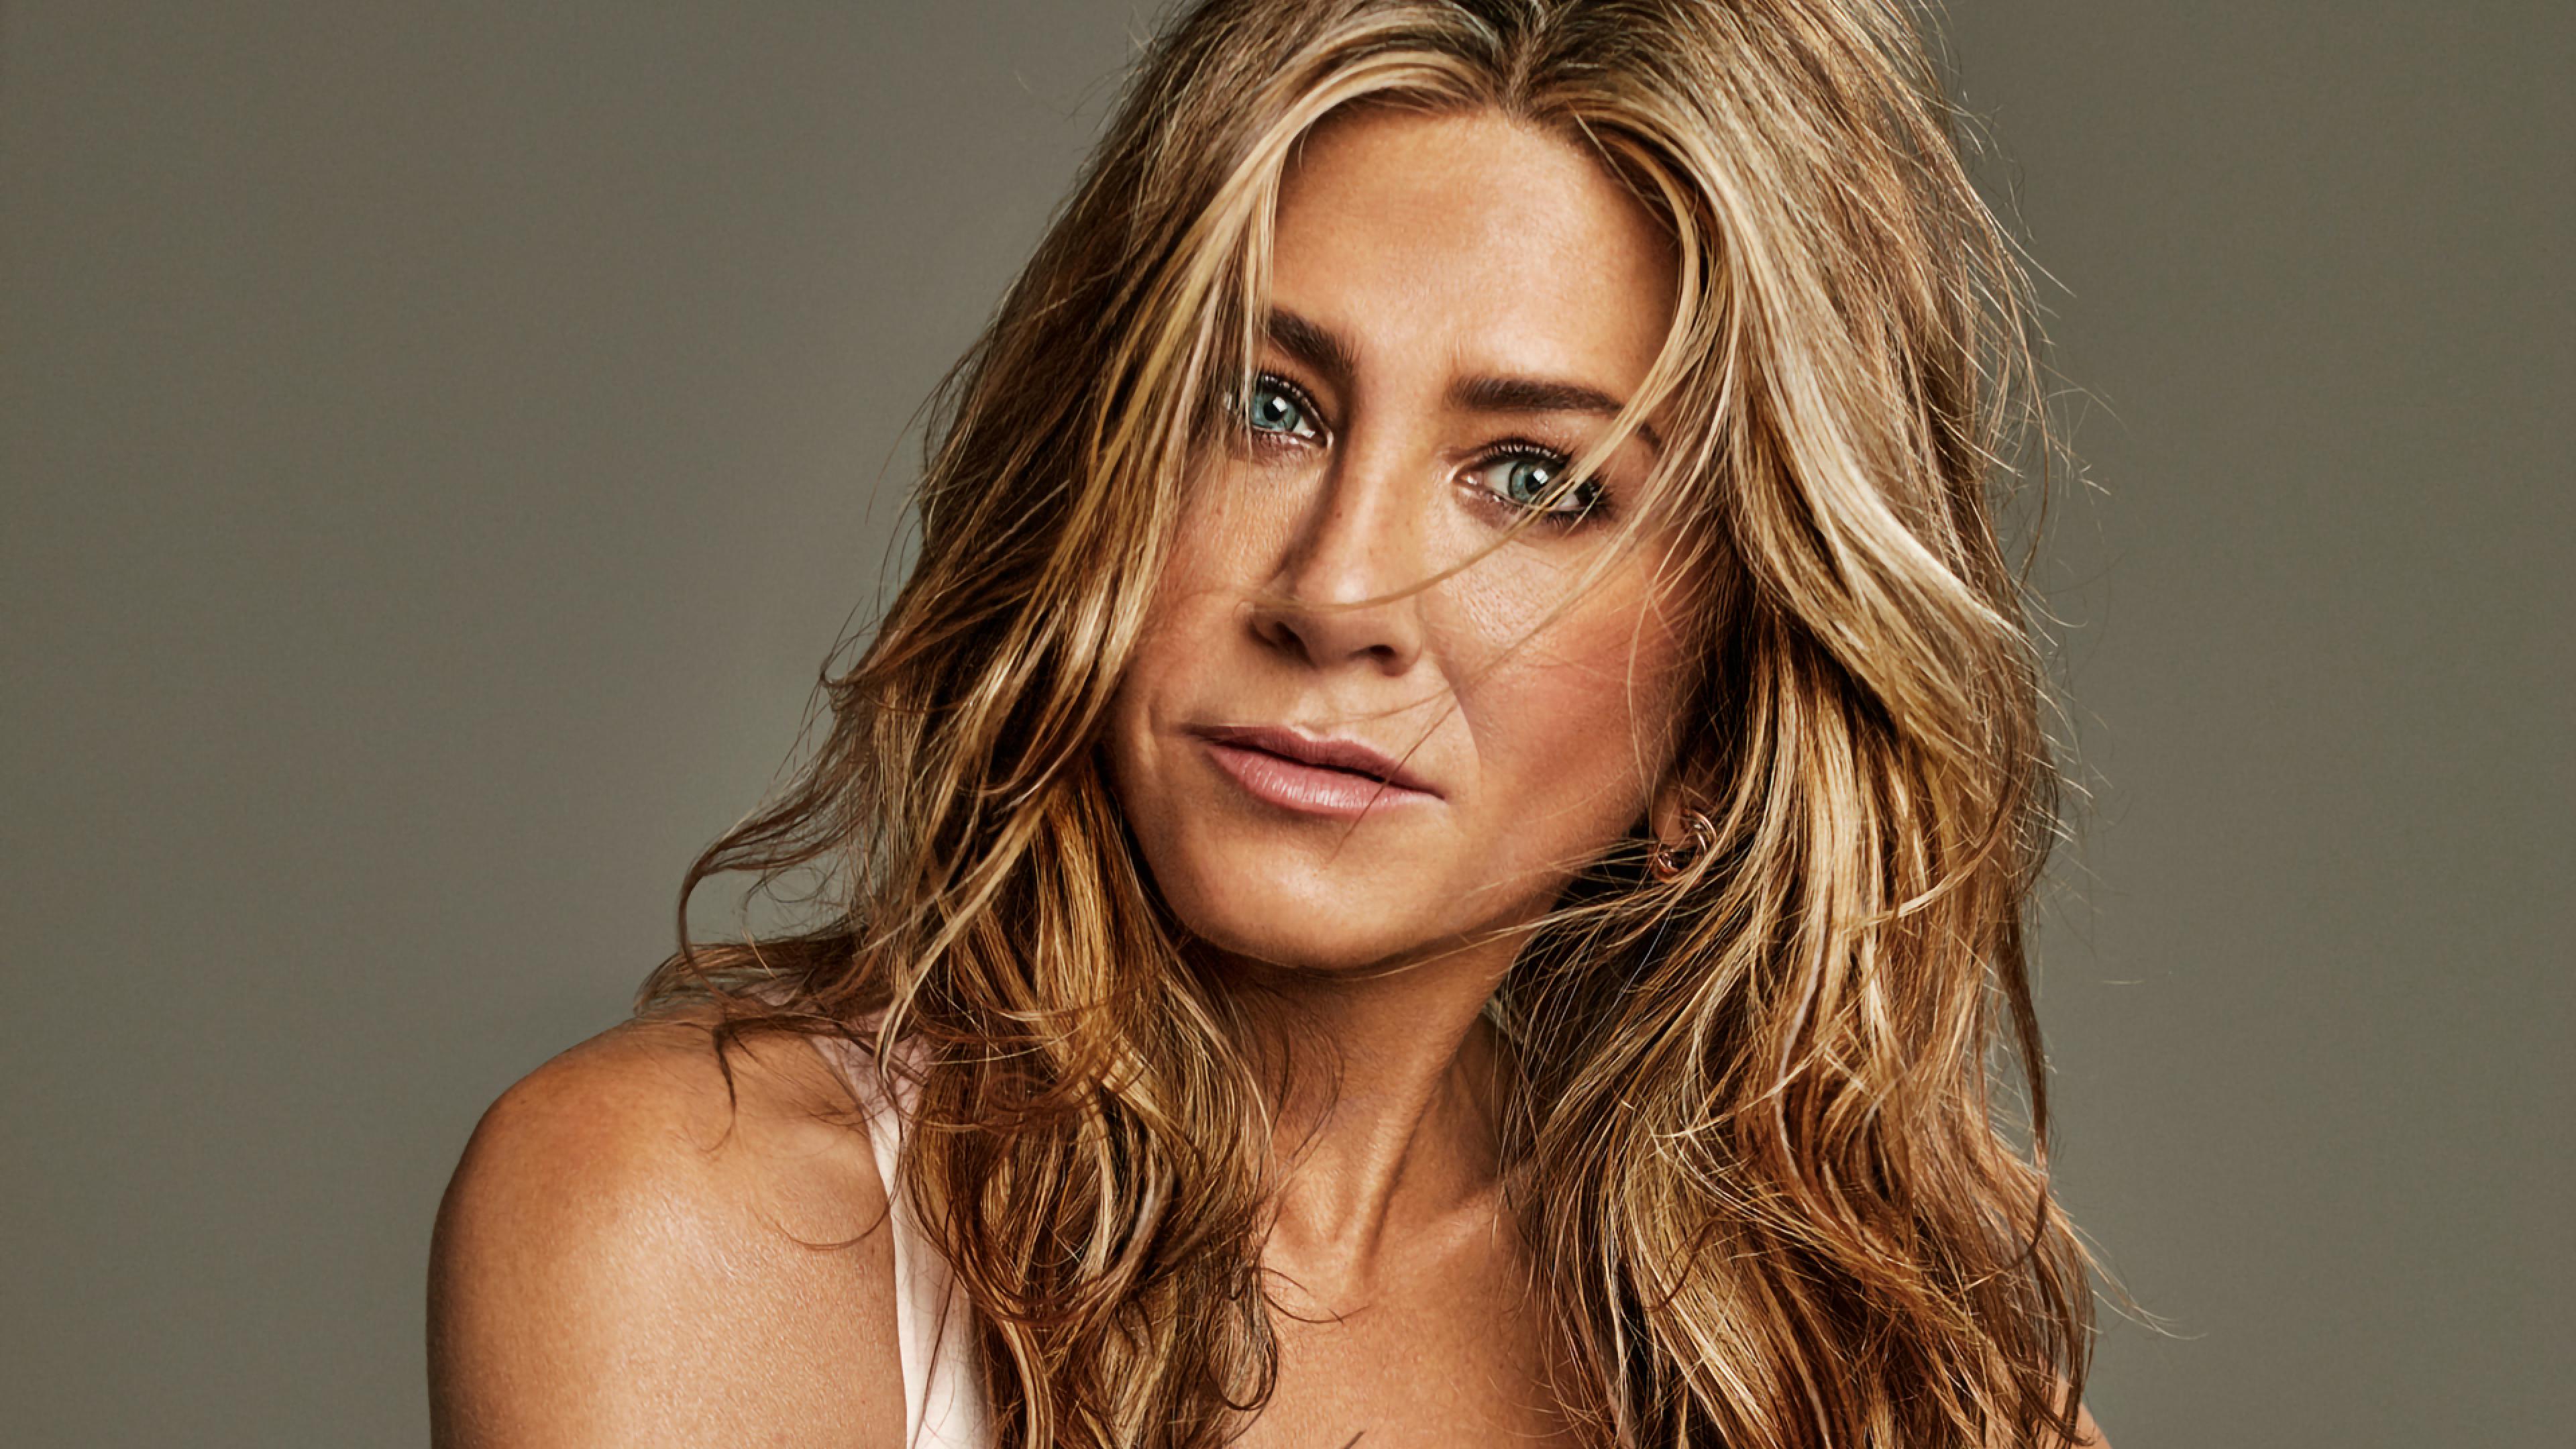 3840x2160 Jennifer Aniston 2020 4K Wallpaper, HD